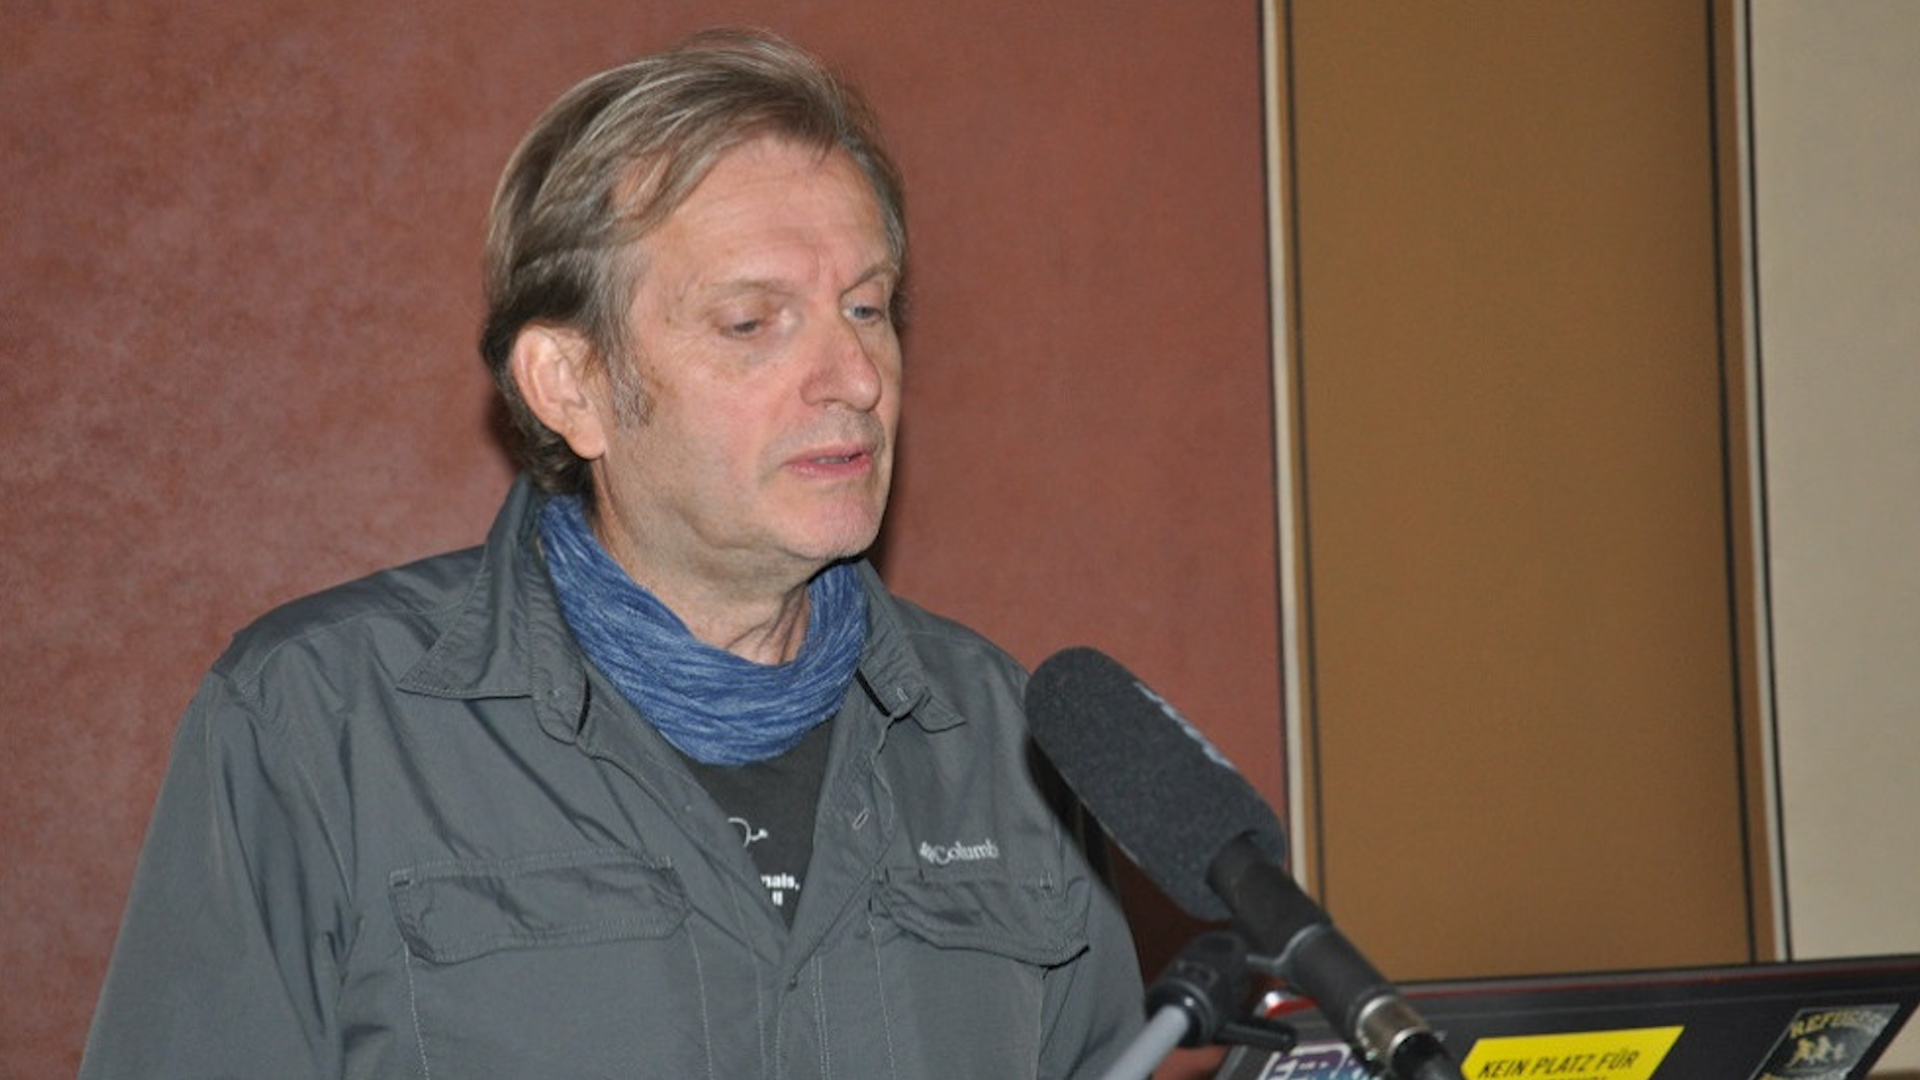 Photo of Prof.Trabert: gefên Tirkiyê dibin sedema tirsê, divê bi dawî bibin